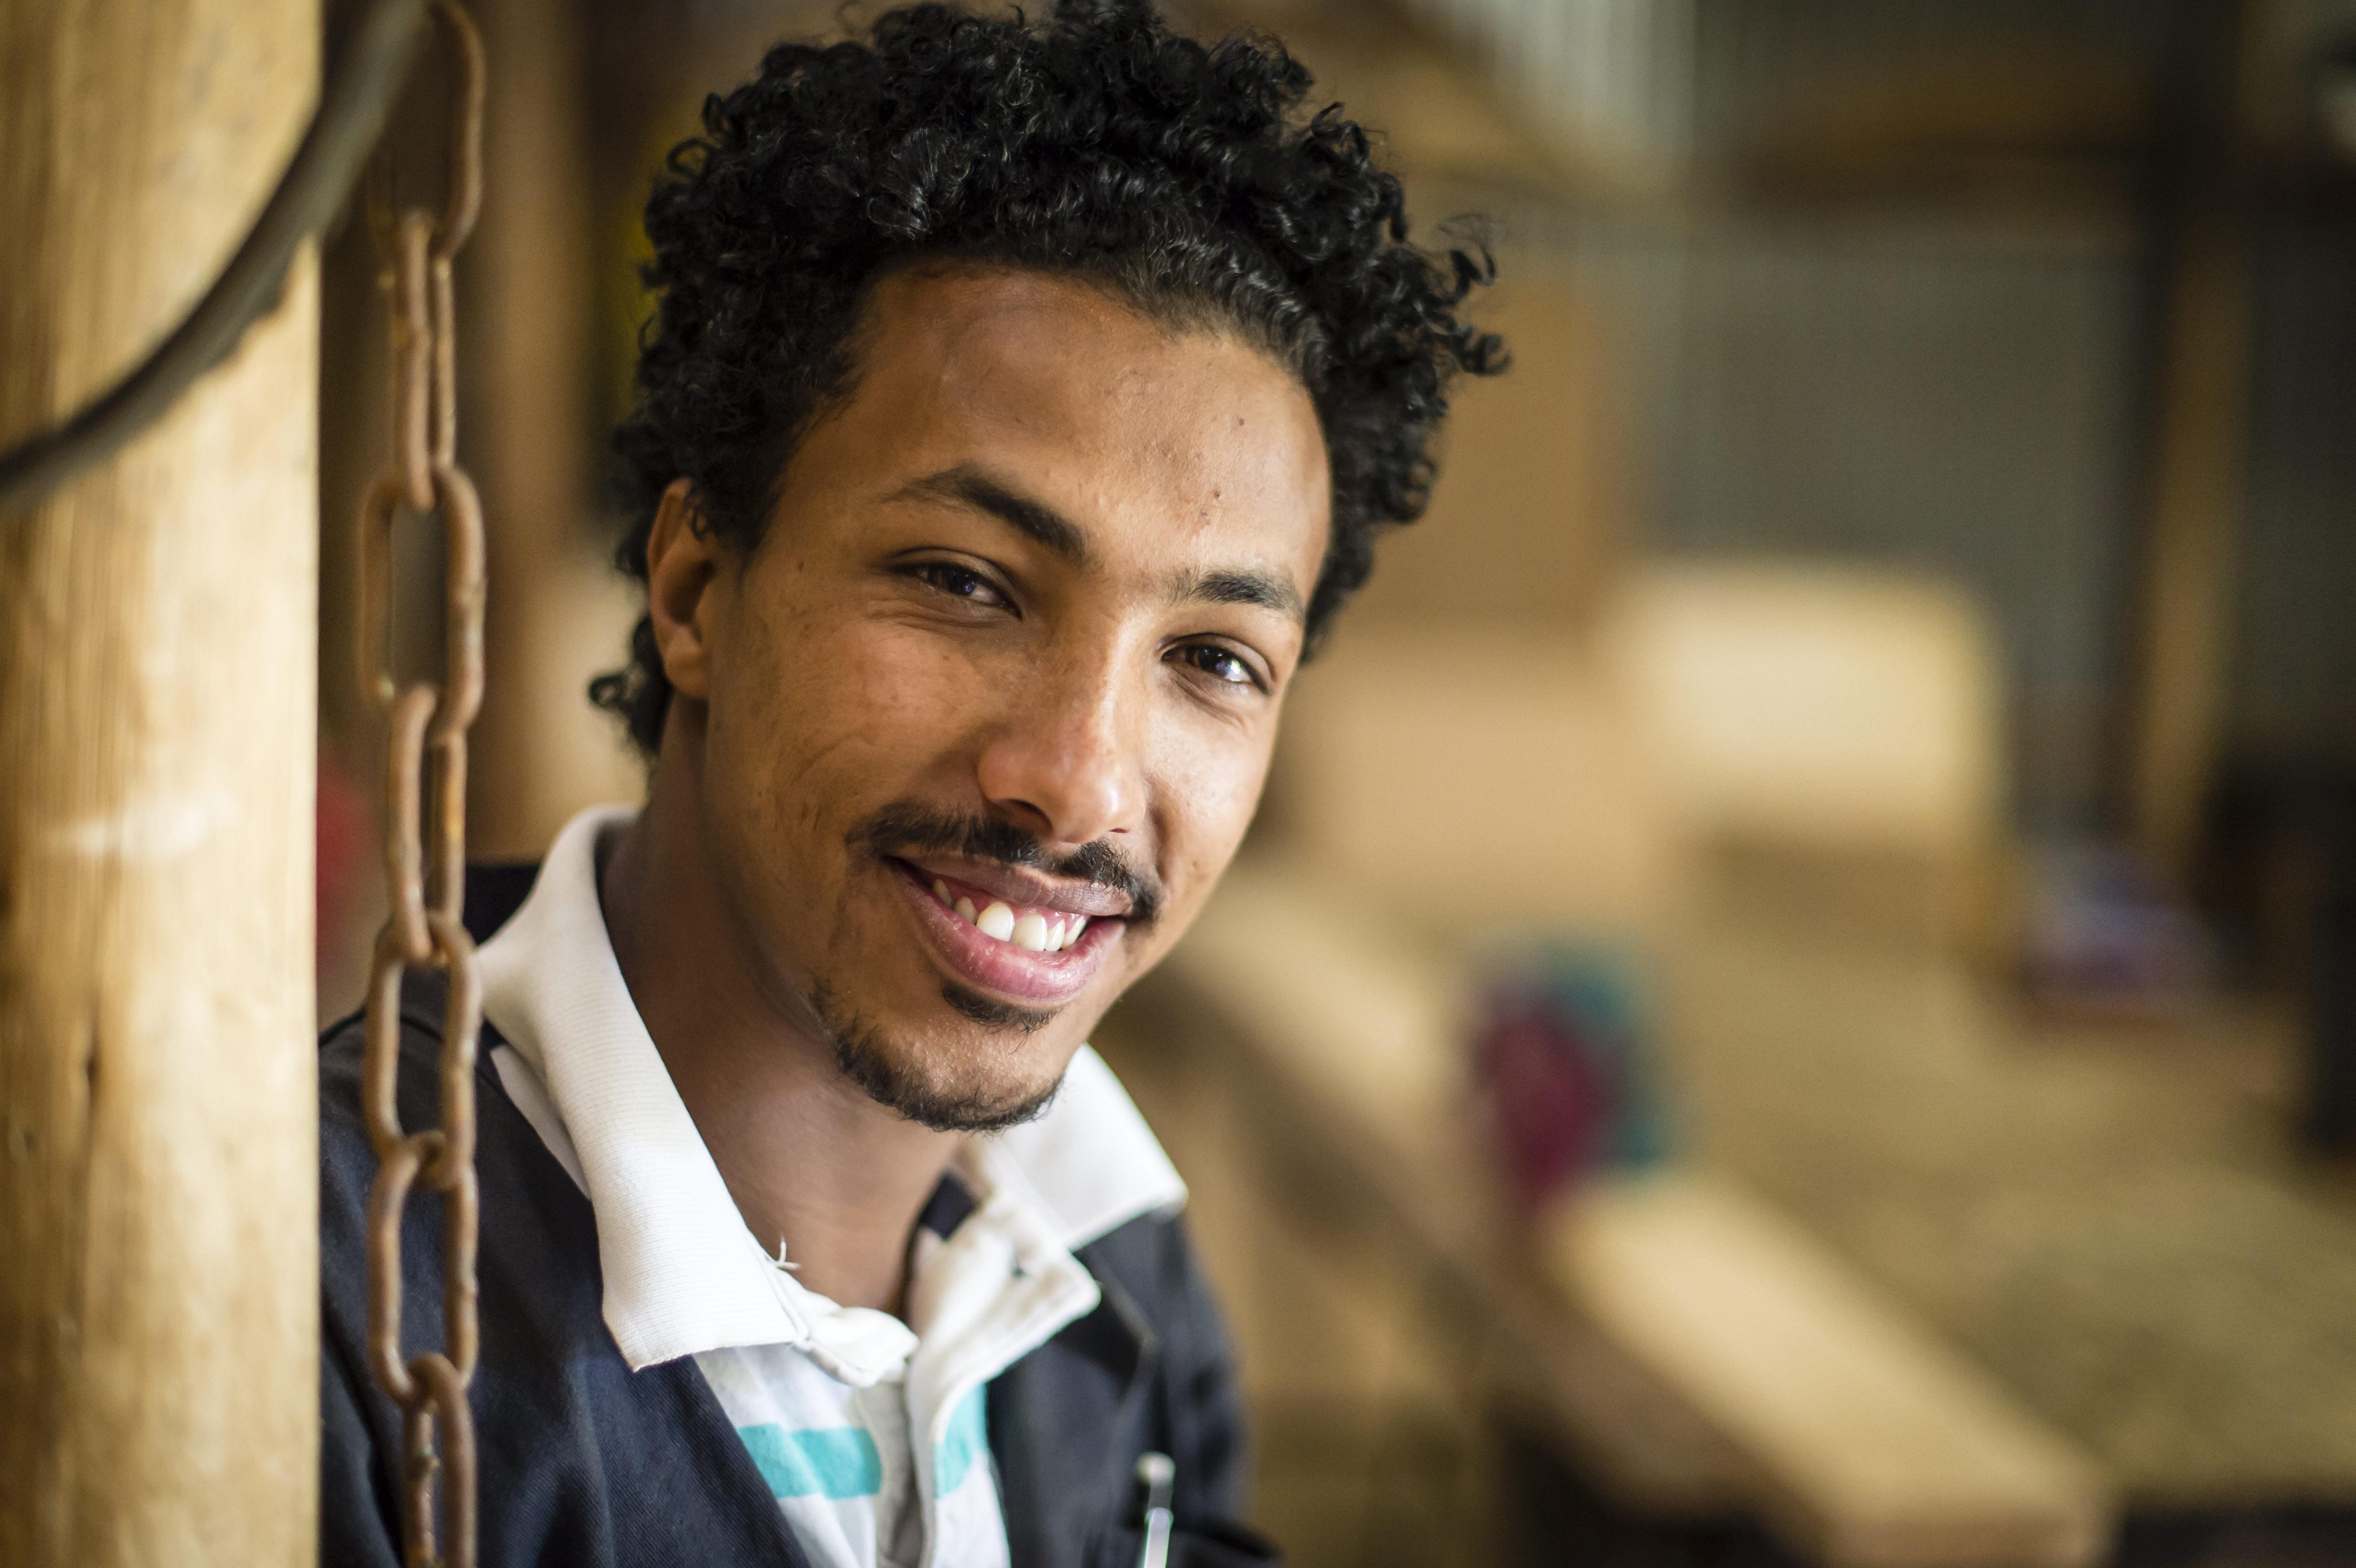 Sameson Tilahun smiling